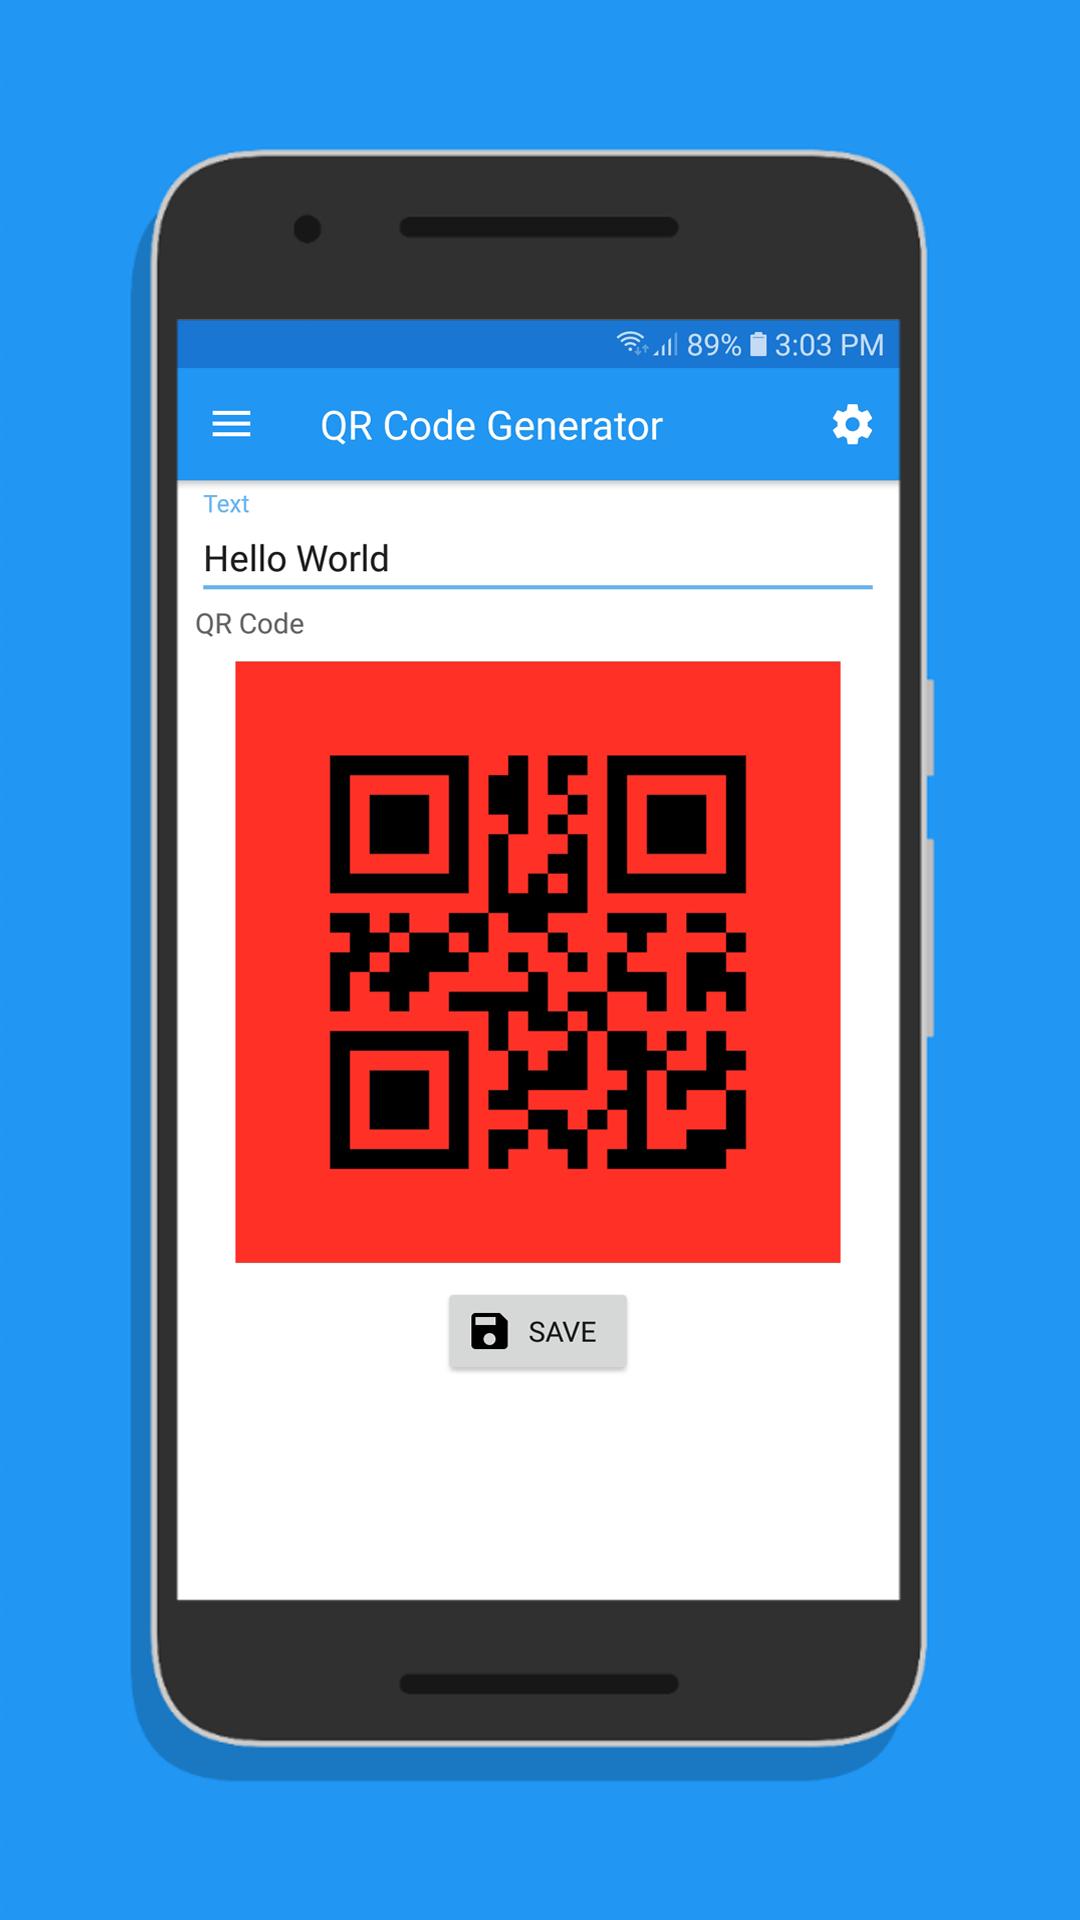 QR Code Generator/Scanner